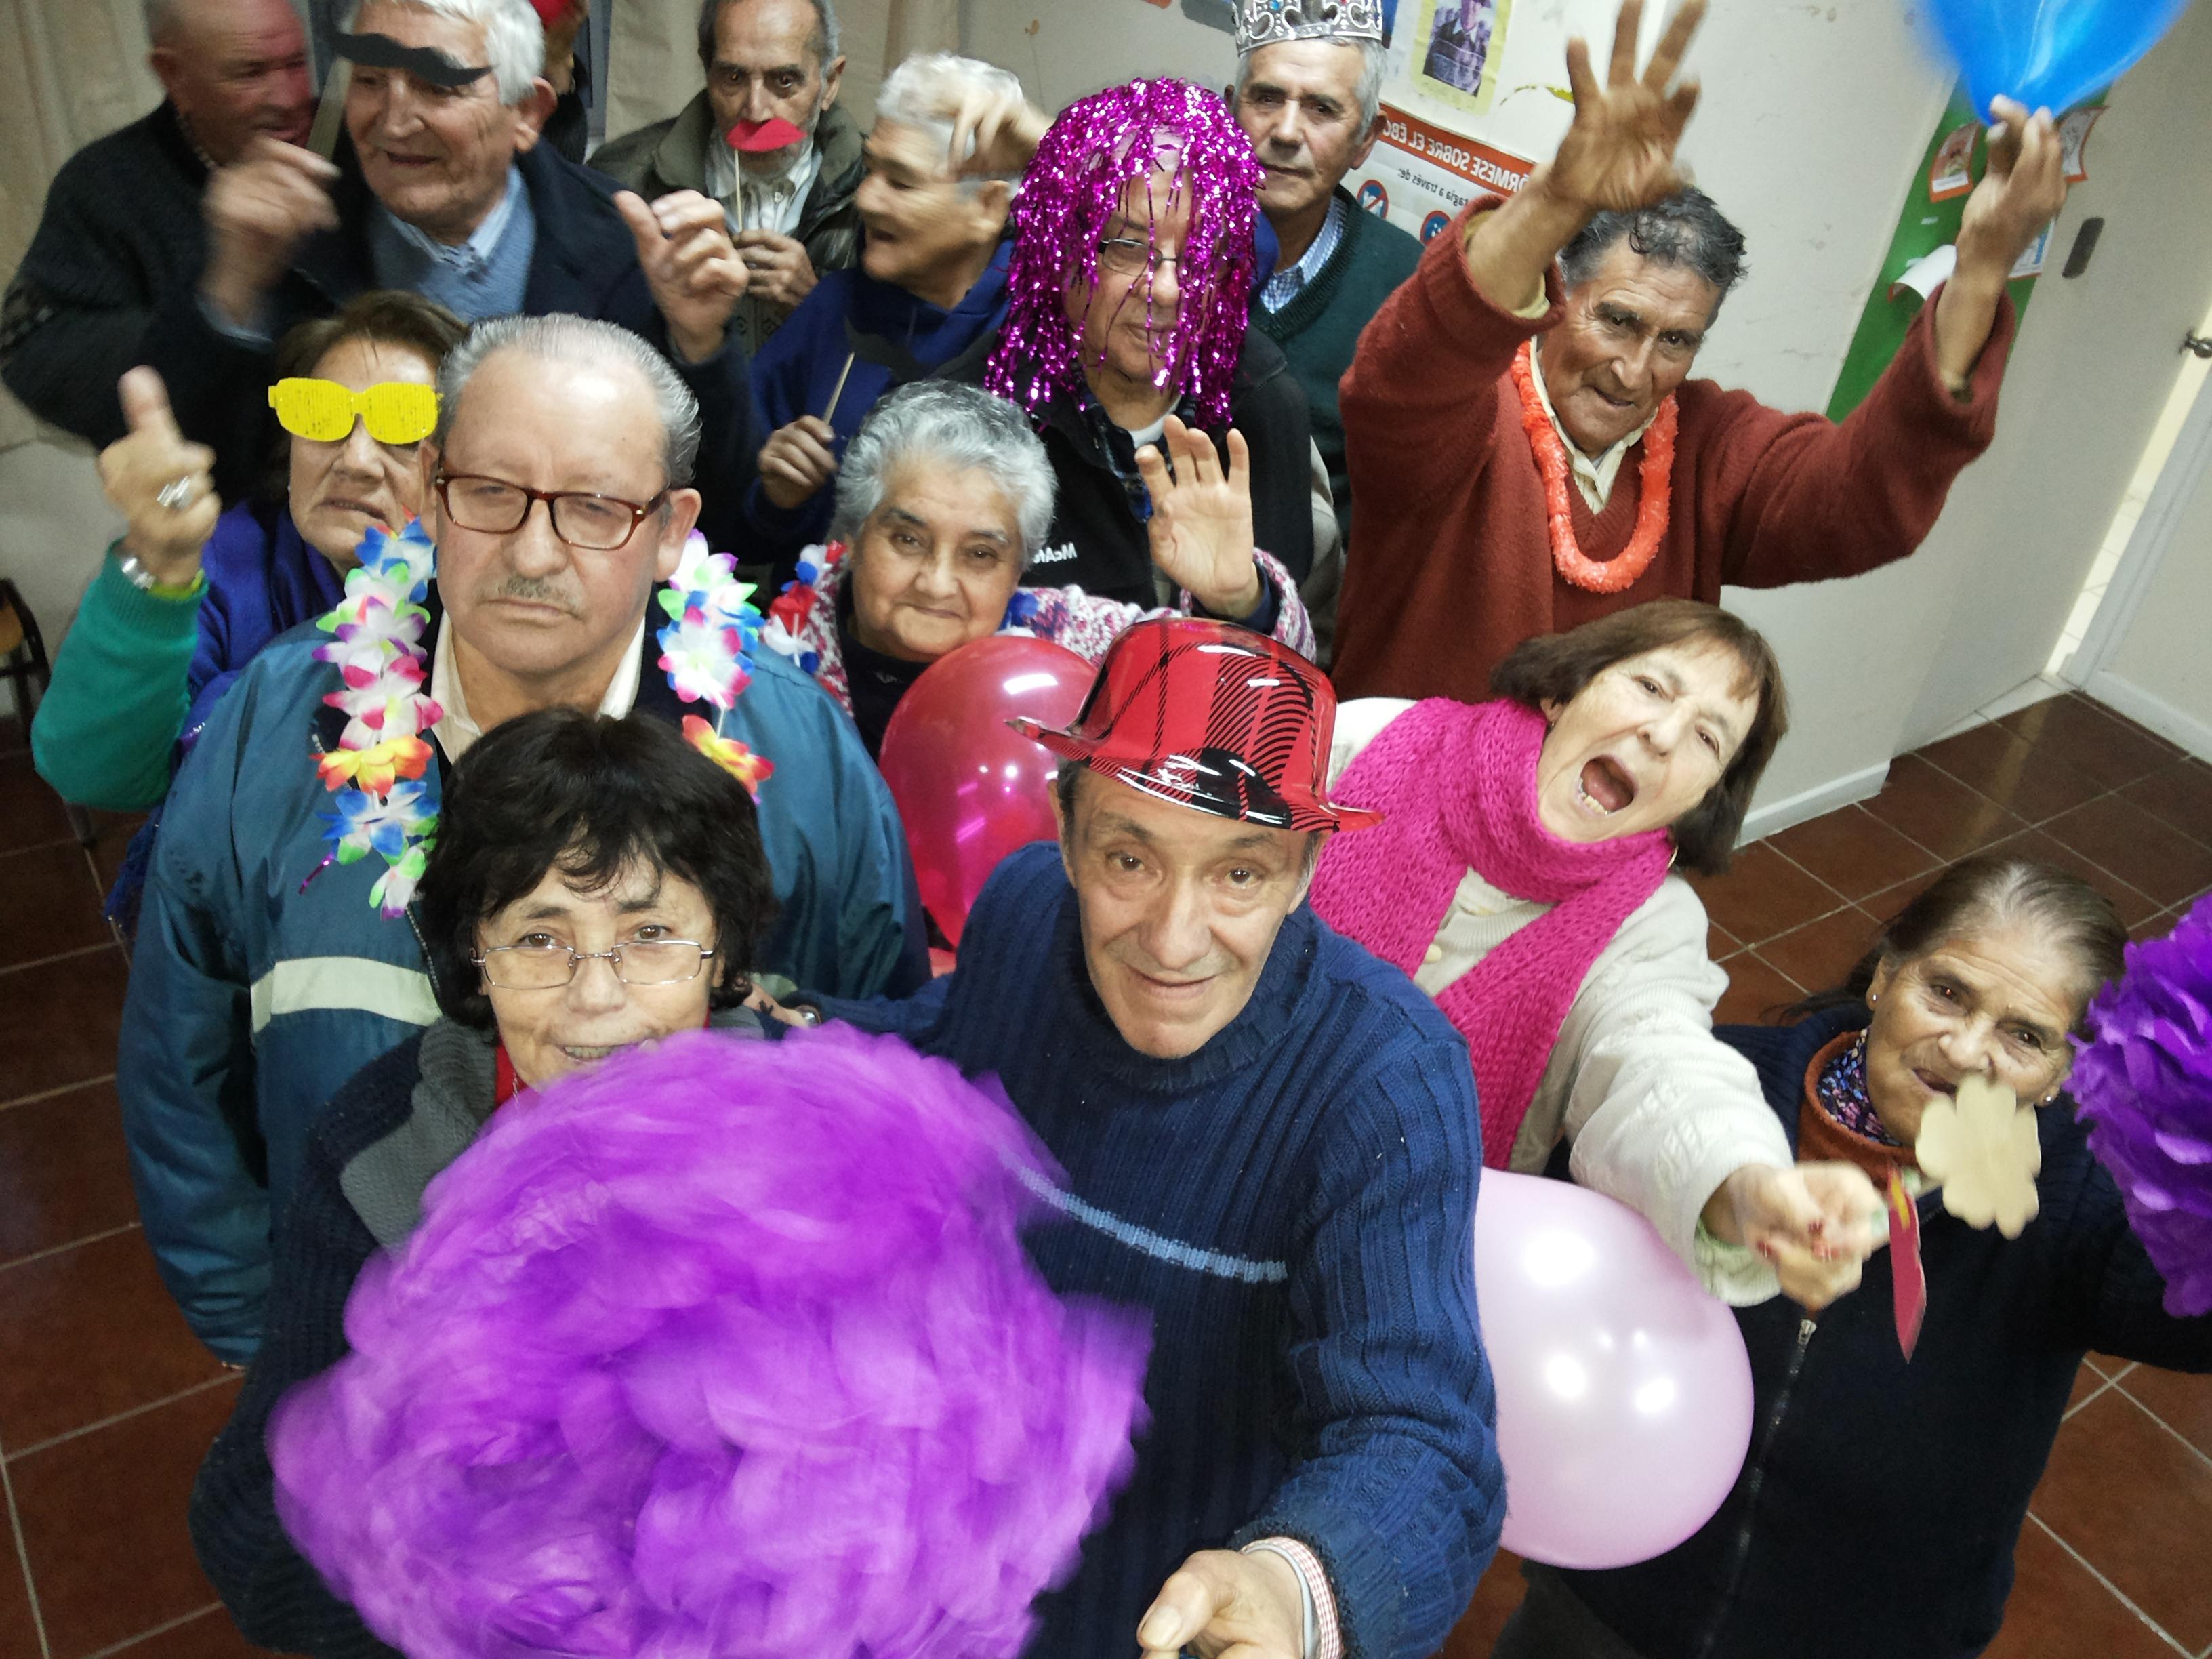 Tercer lugar en concurso de fotografía obtuvo residente del Condominio de Viviendas Tuteladas de Talca